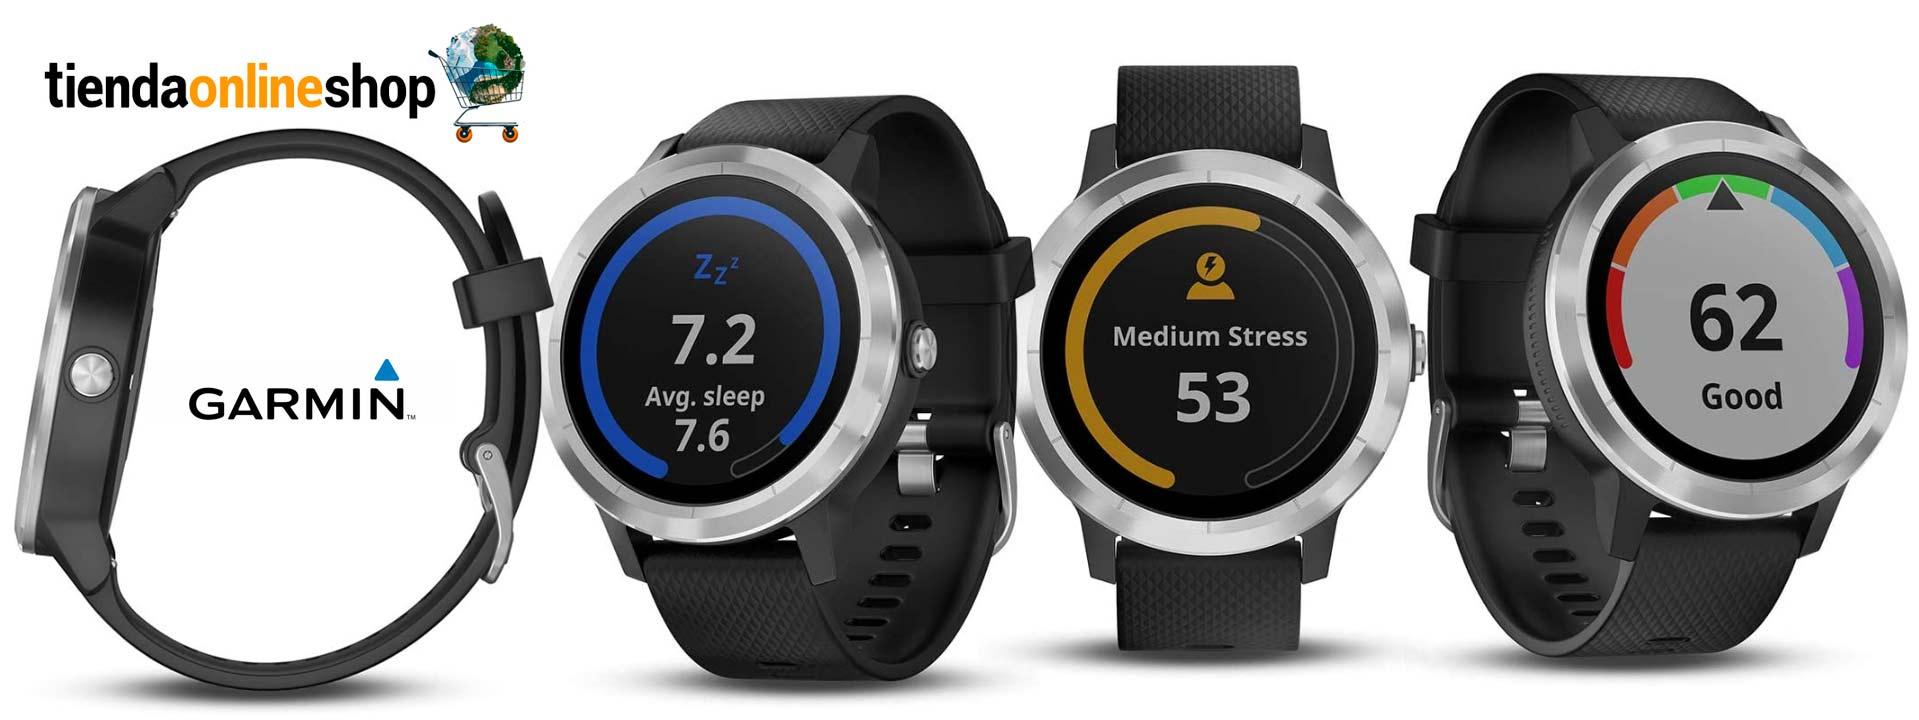 garmin-vivoactive-3-smartwatch-tienda-online-shop